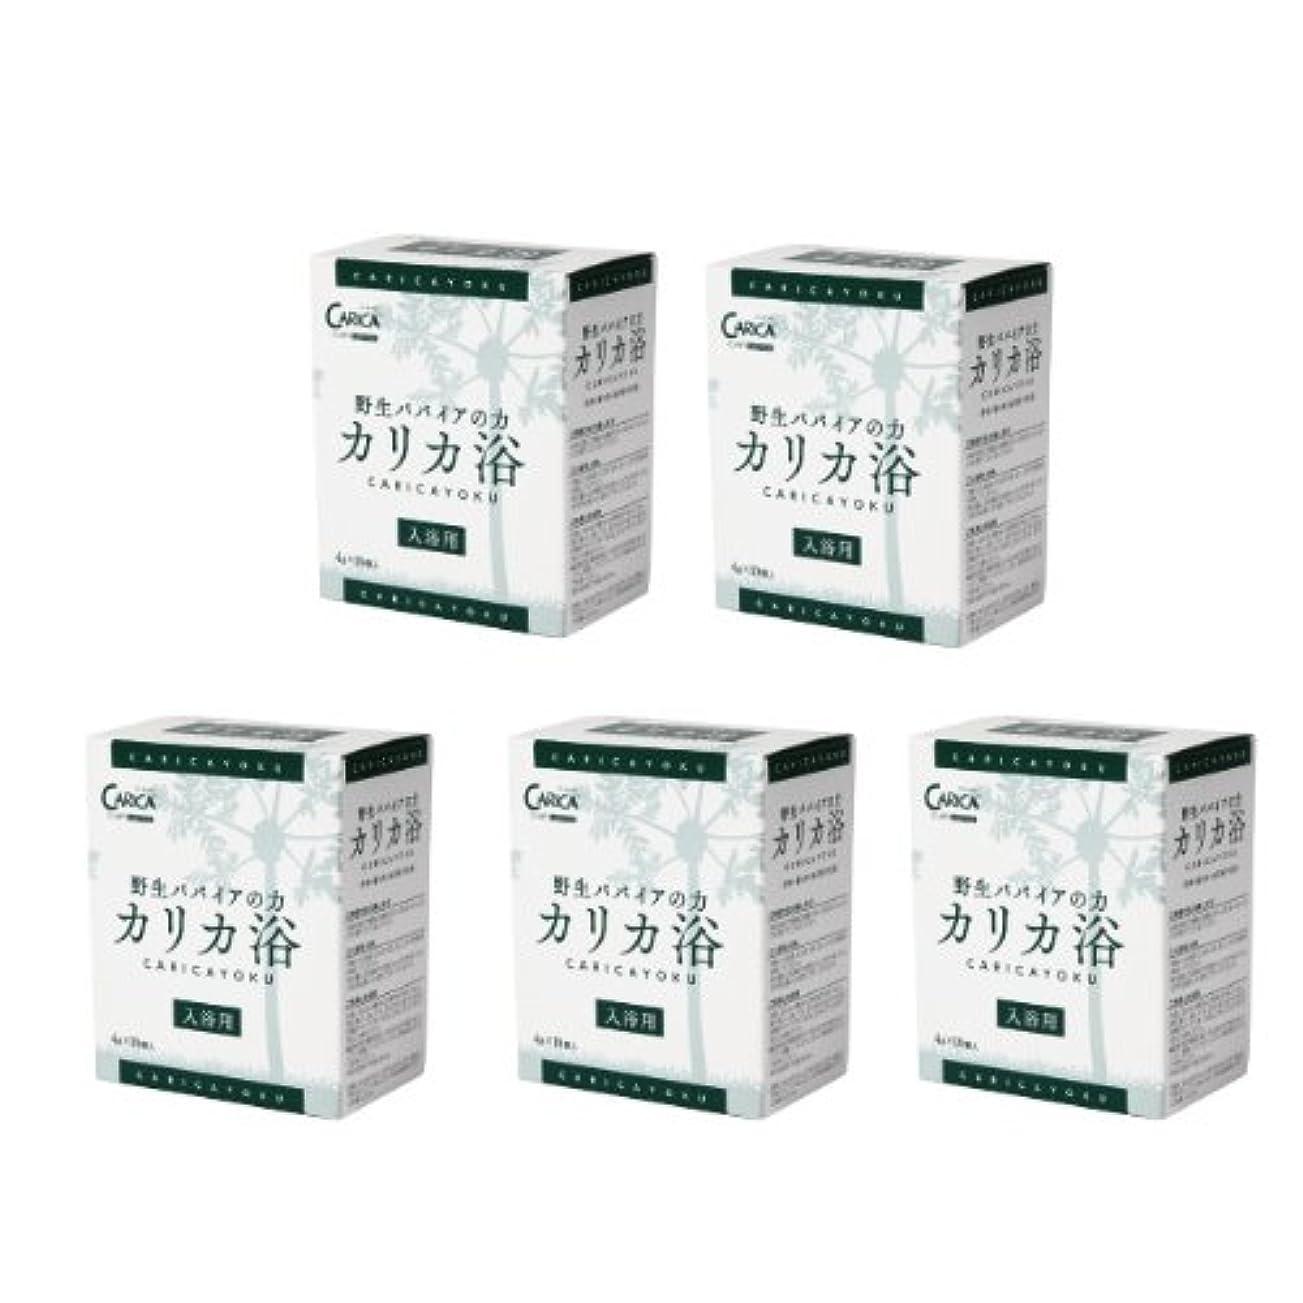 移住する繰り返す和らげるカリカ浴(4g x 10包) 5箱セット + おまけ(カリカ浴 5包付き)